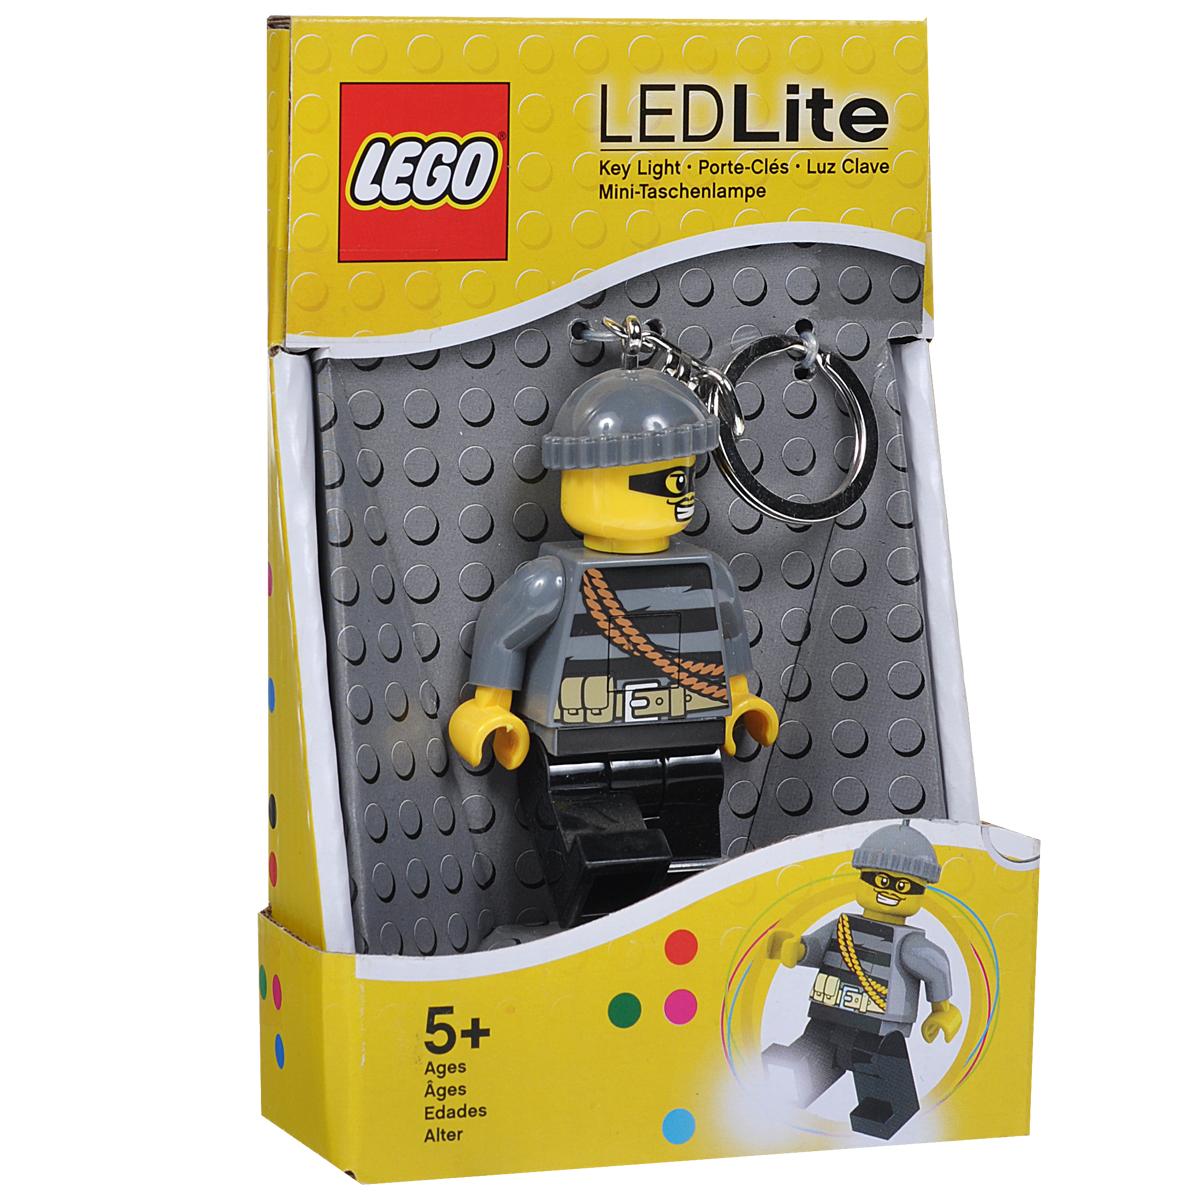 Брелок-фонарик для ключей Lego City - MastermindLGL-KE33Брелок Lego City - Mastermind станет отличным подарком для родственников, знакомых или коллег по работе. Его можно пристегнуть к рюкзаку, сумке или повесить на связку ключей. Брелок имеет функцию фонарика, с помощью которой вы сможете в ночное время суток заглянуть под капот машины, осветить себе путь во время поздних пеших прогулок, разглядеть в темном подъезде замочную скважину.